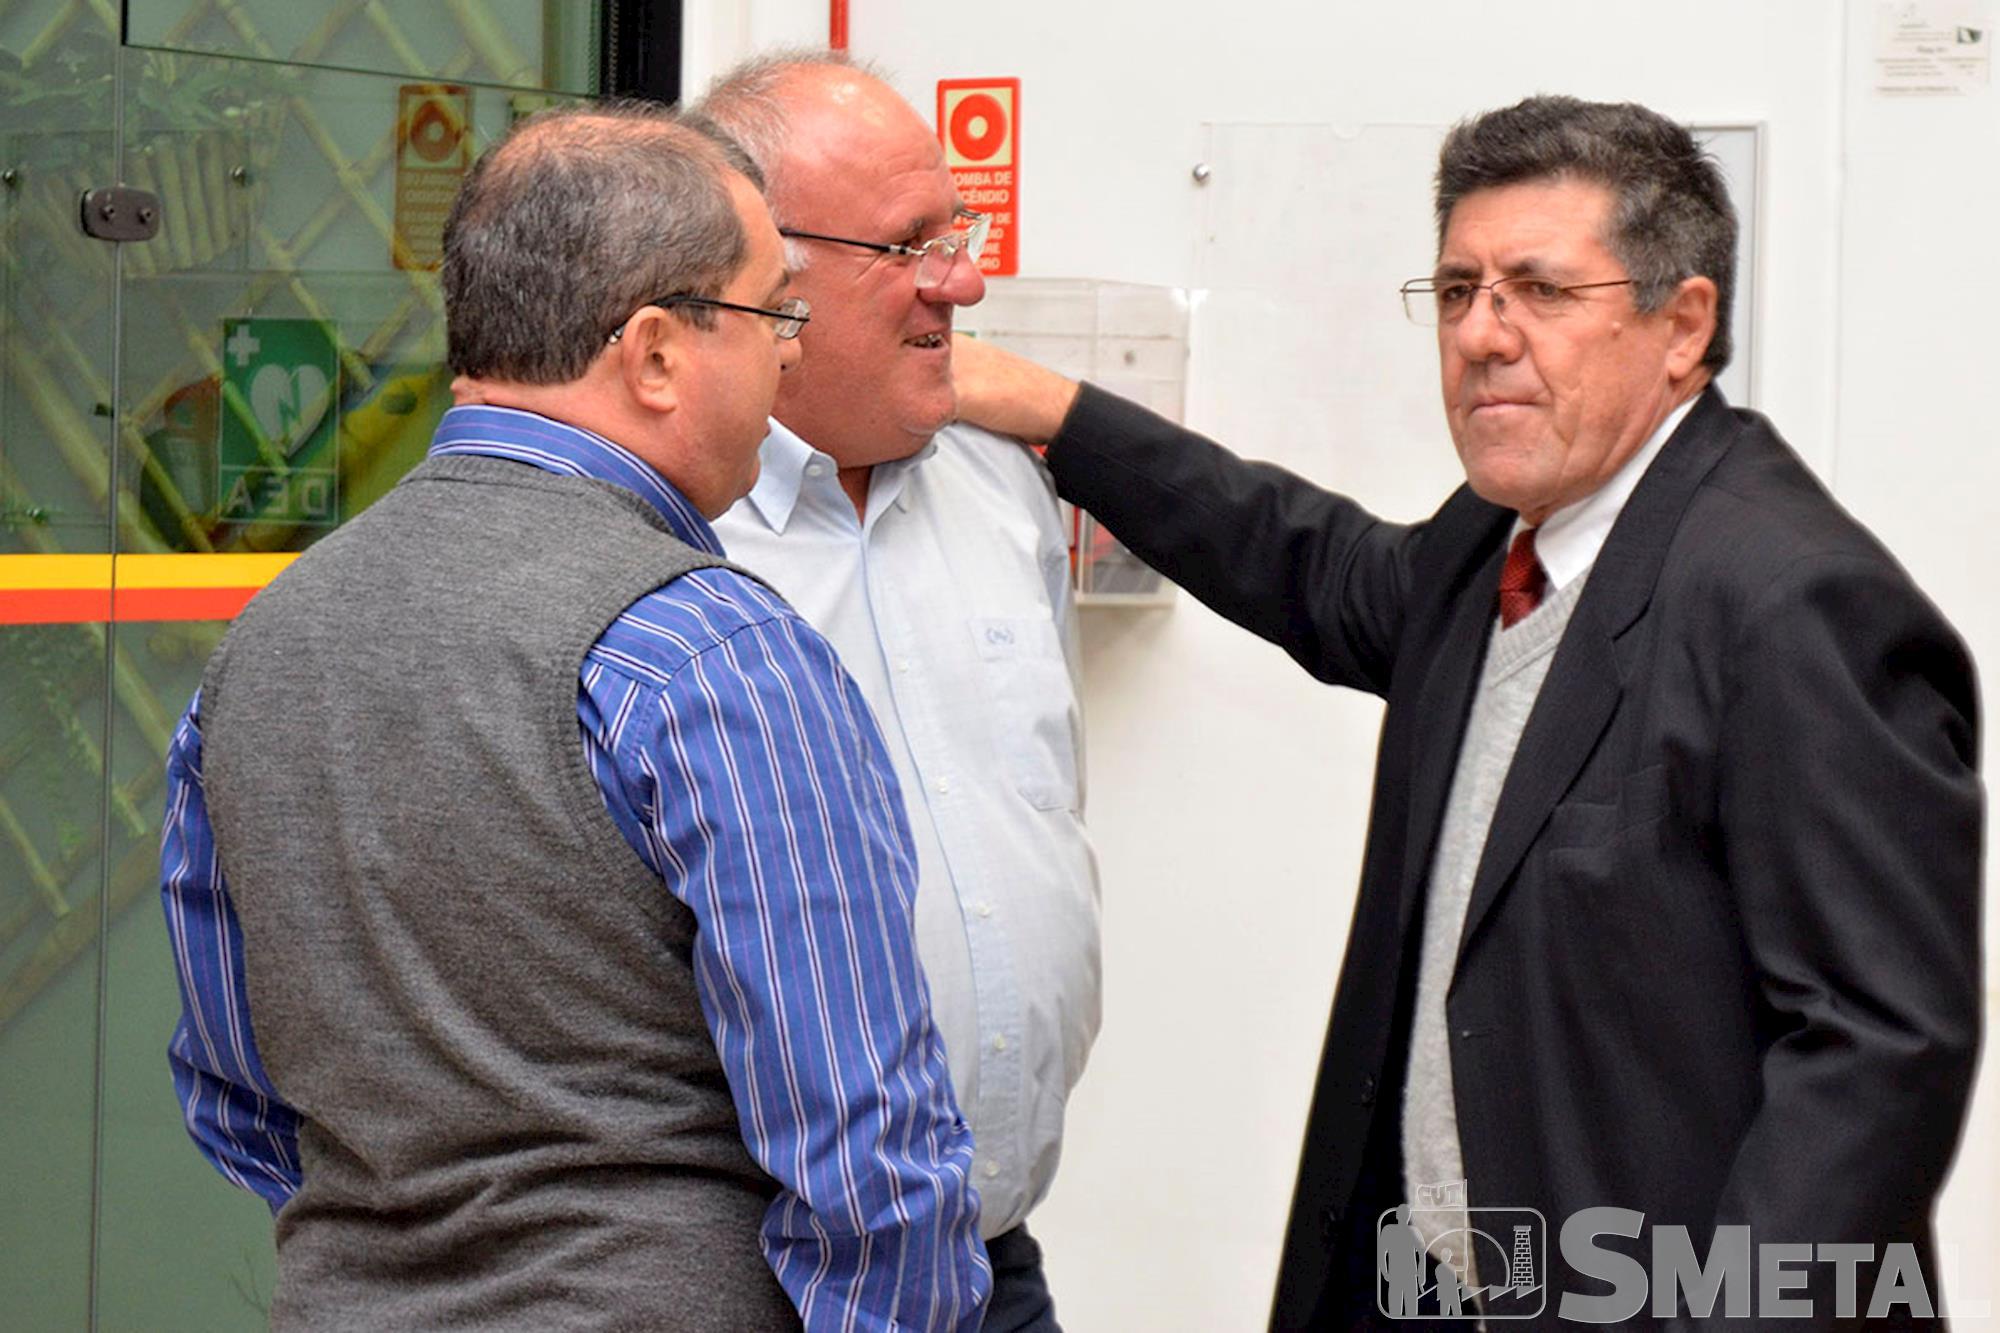 O deputado Hamilton conversa com ex-dirigentes sindicais, Sessão Solene na Câmara de Sorocaba comemora 30 anos de CUT